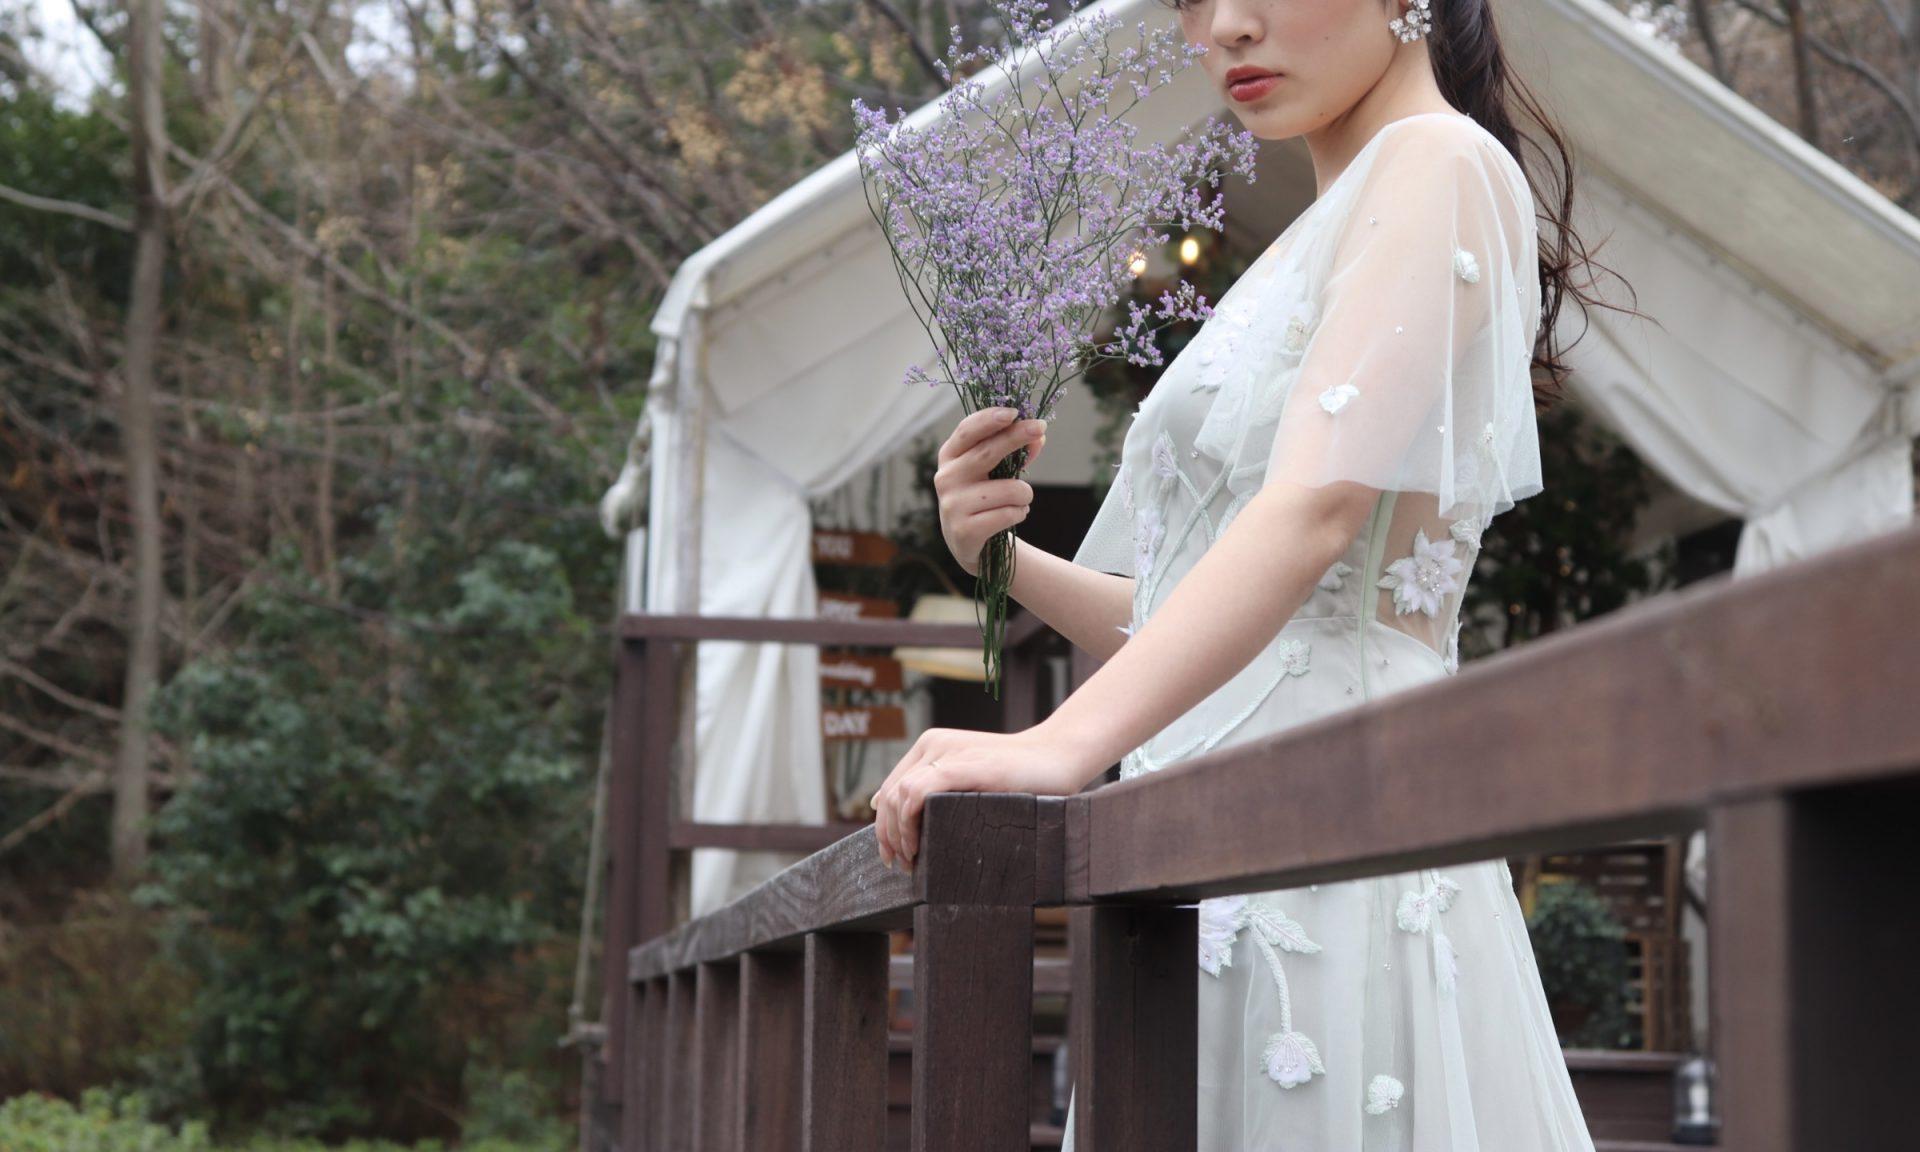 関西のナチュラルな結婚式会場に合うくすみ系の袖付きカラードレス